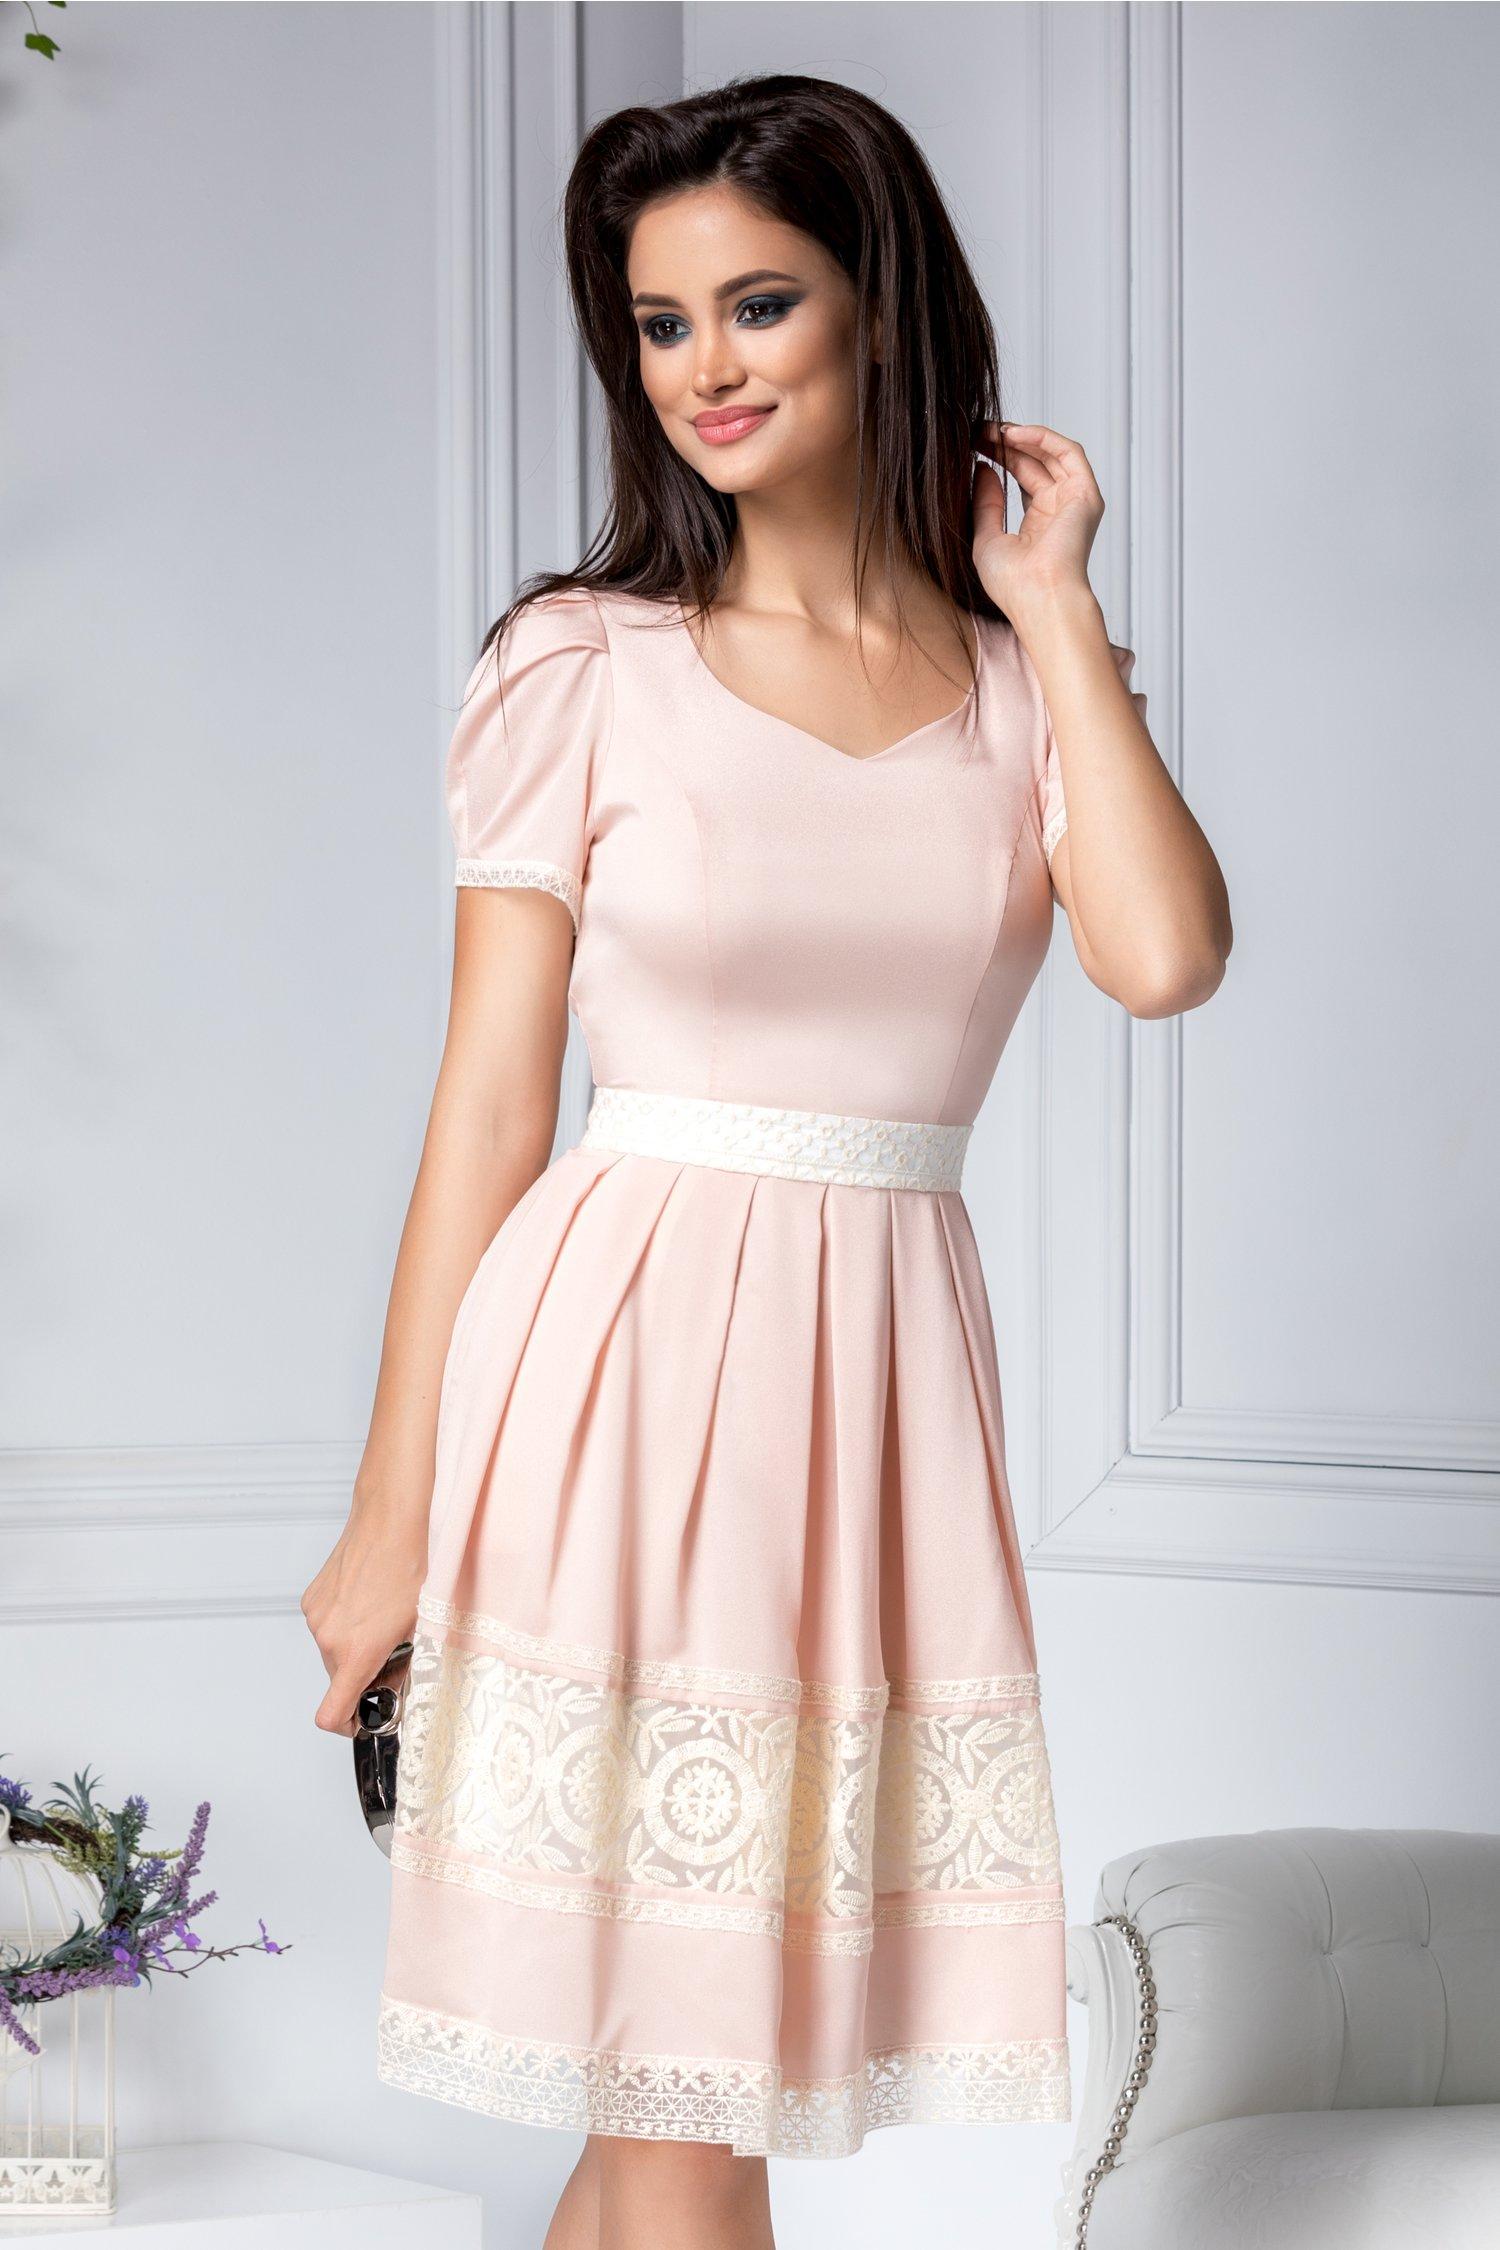 Magazin Online Haine - Rochie Alisa roz prafuit cu broderie -Fashion-4u.Eu